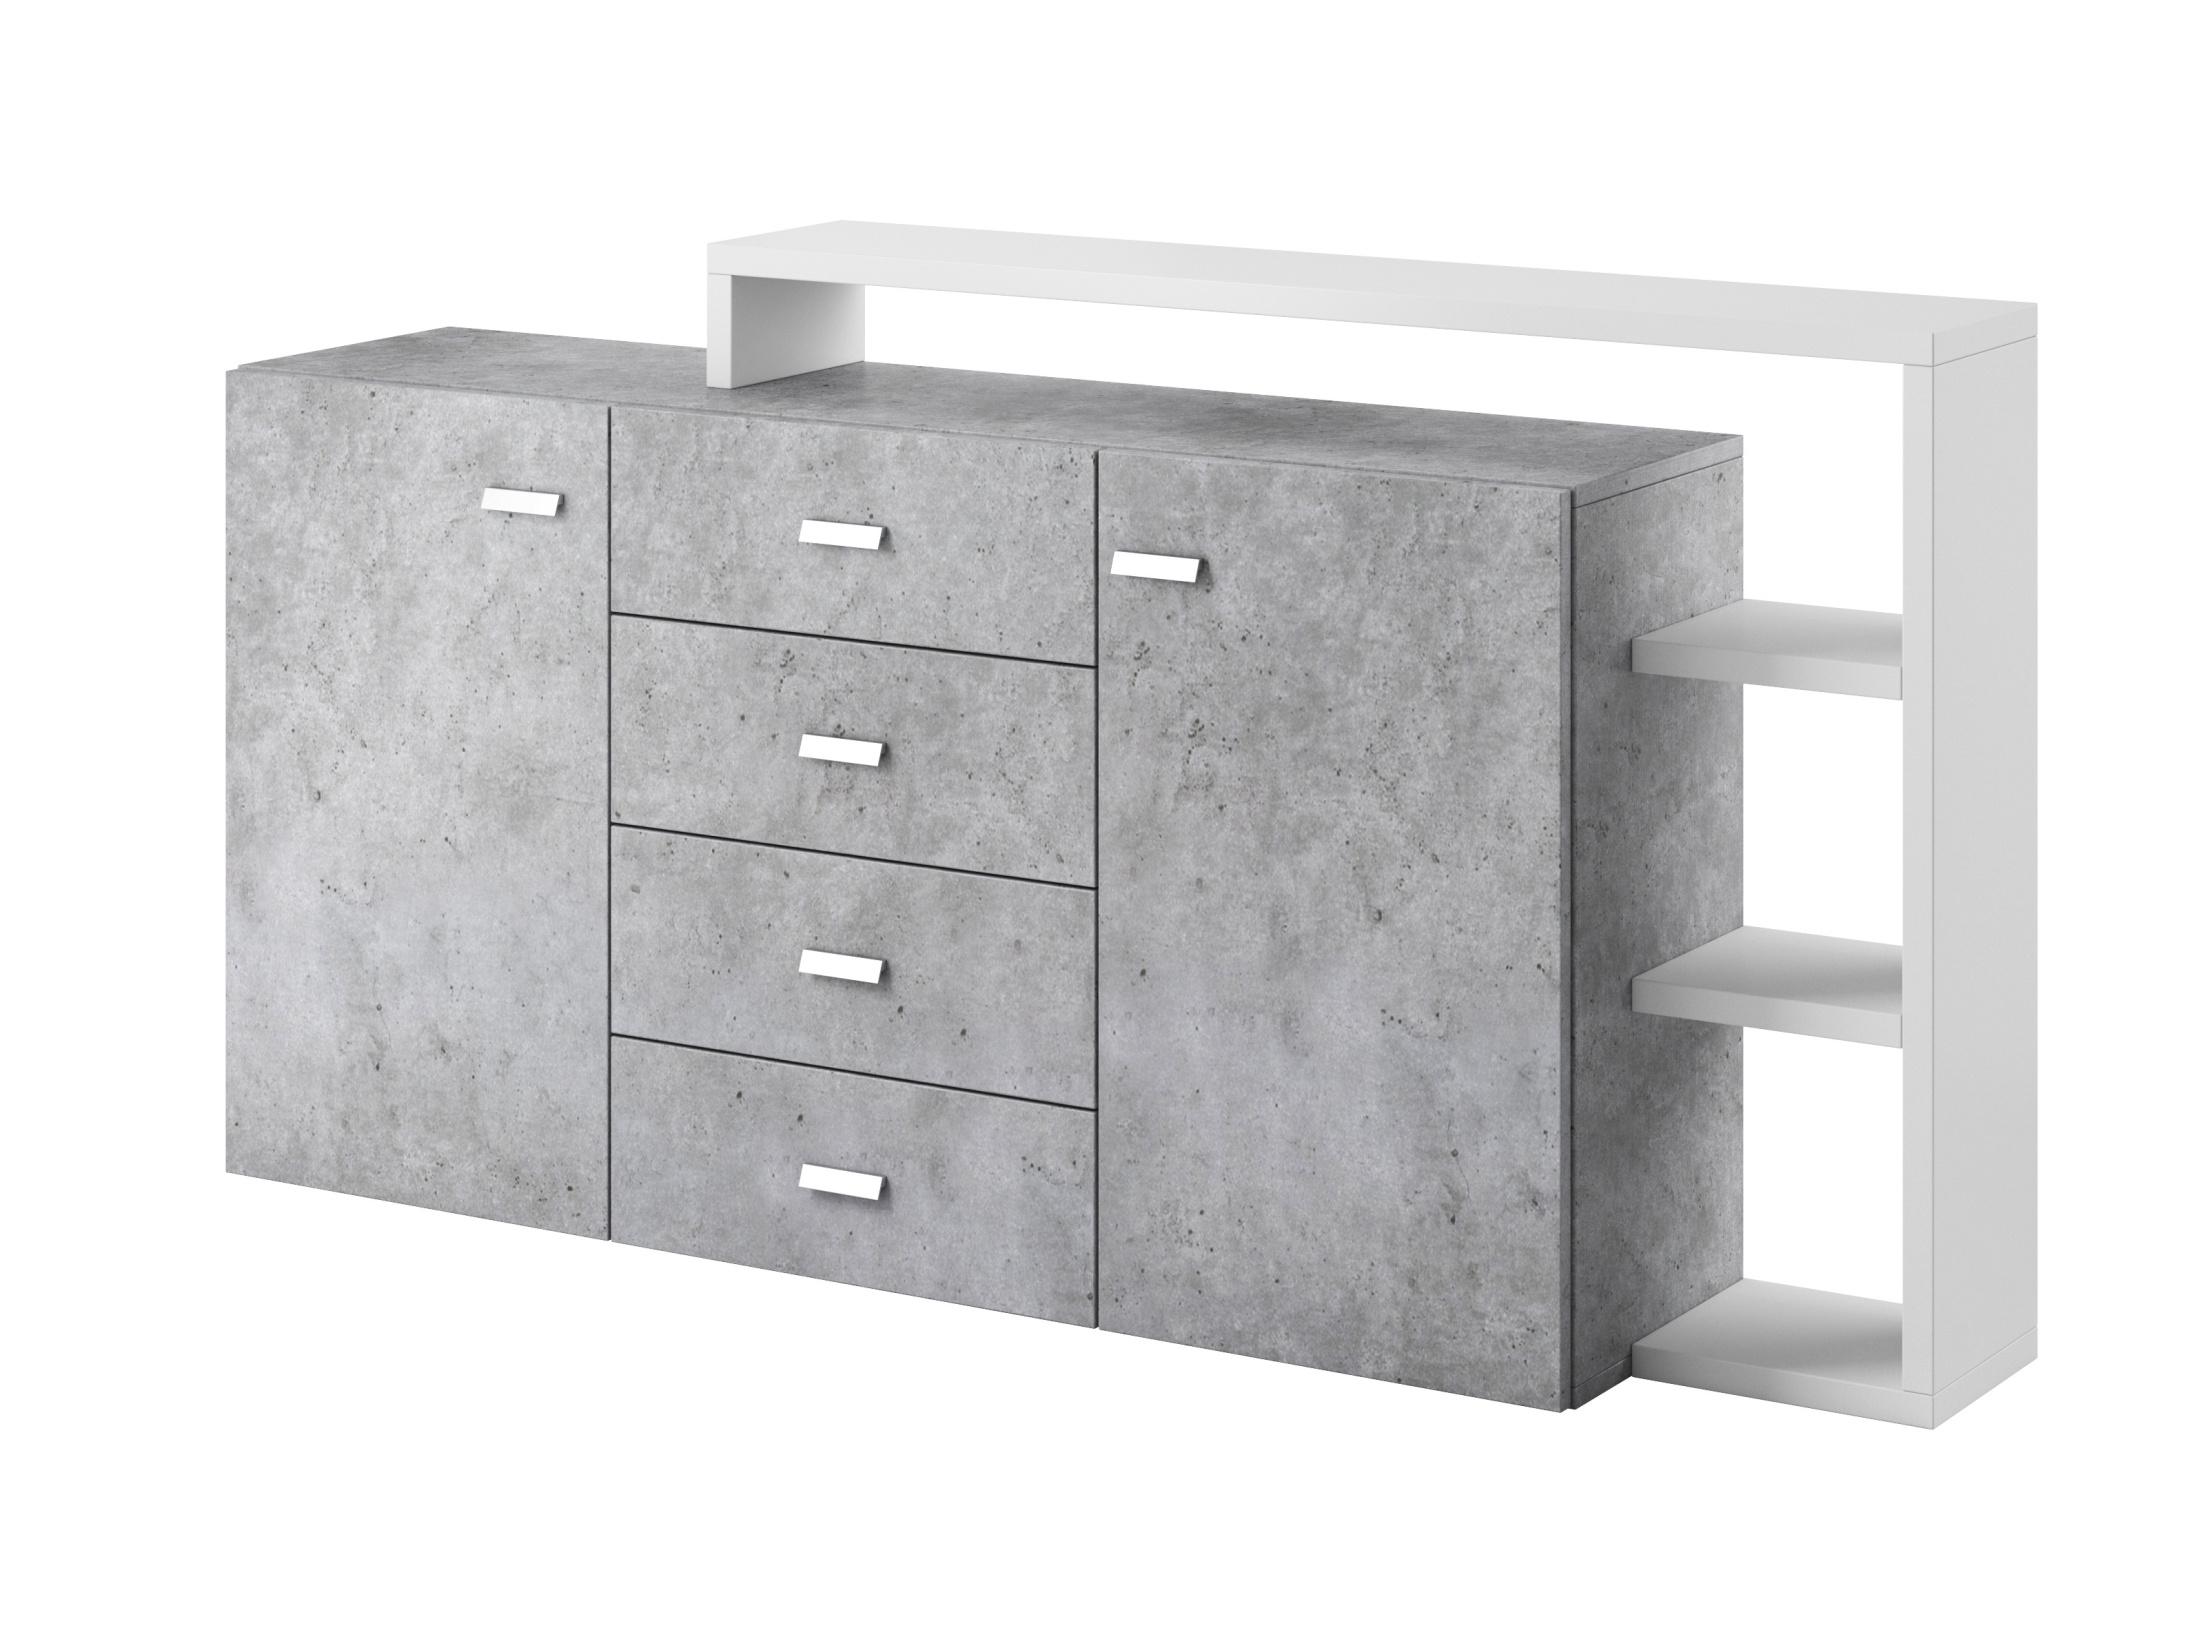 BOTA TYP 27 komoda s policí 2D4S, bílá/beton colorado